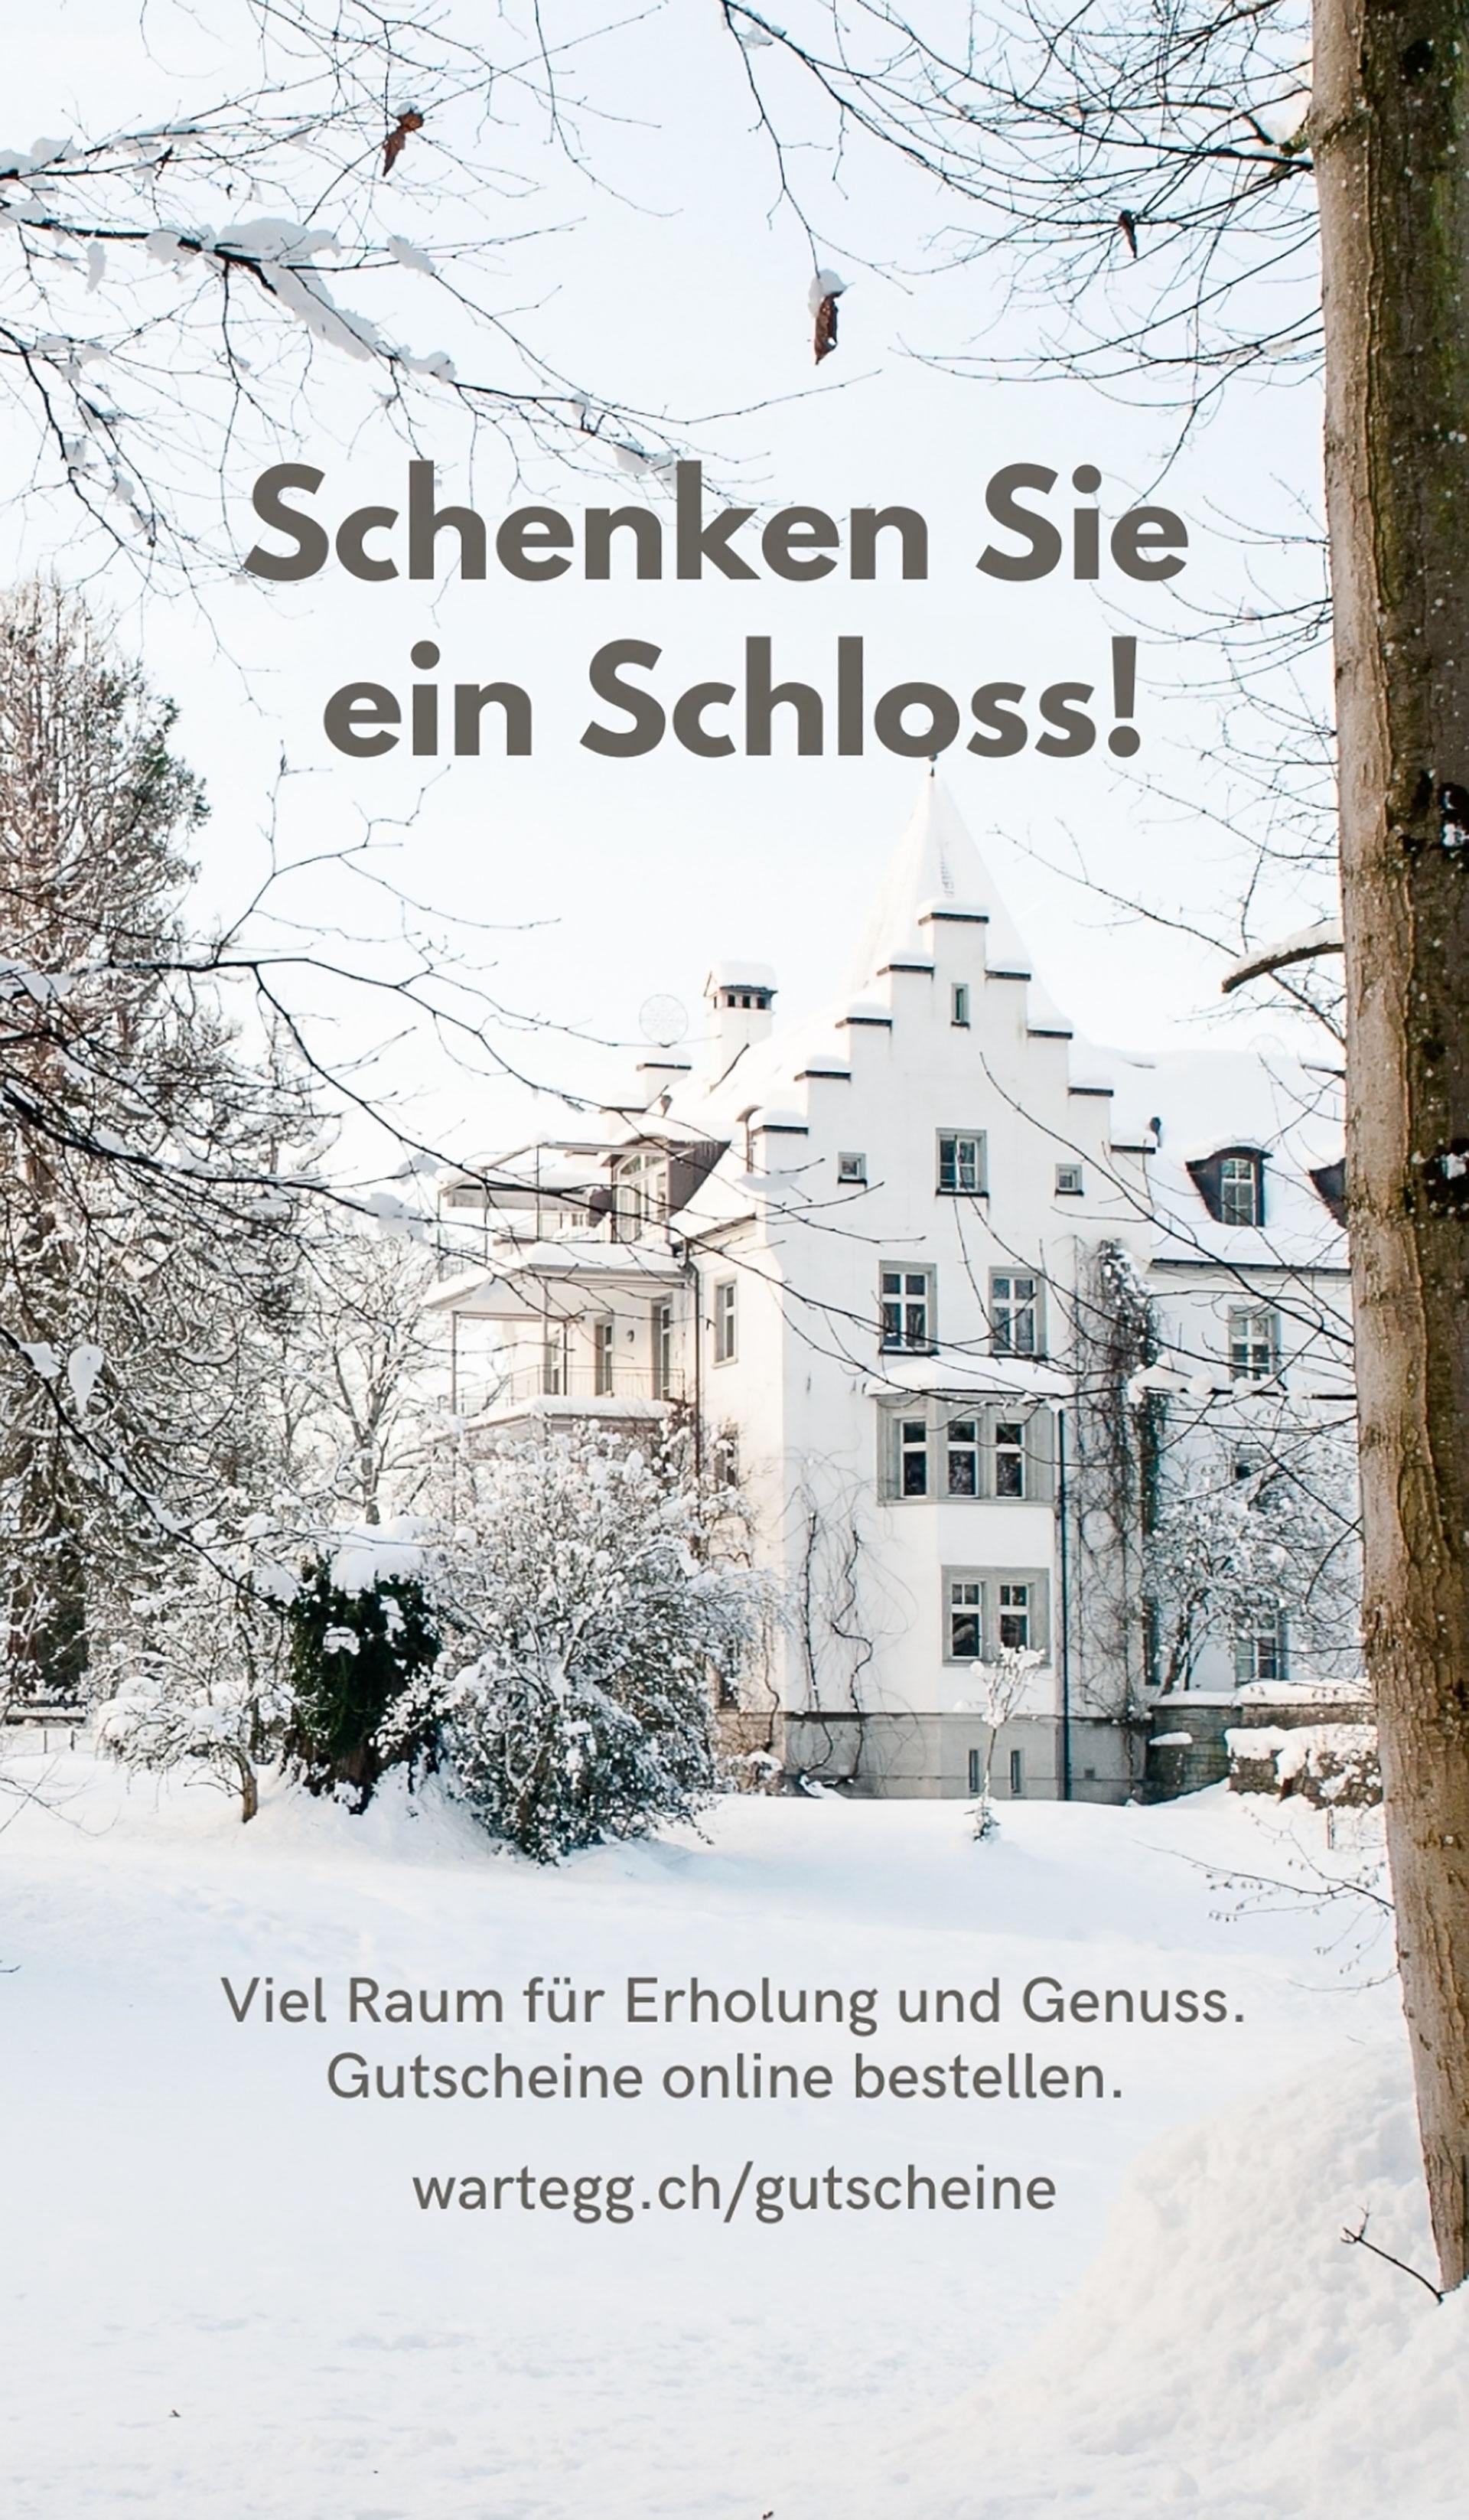 Kampagne_Gutscheine_Winter_Wartegg.jpg